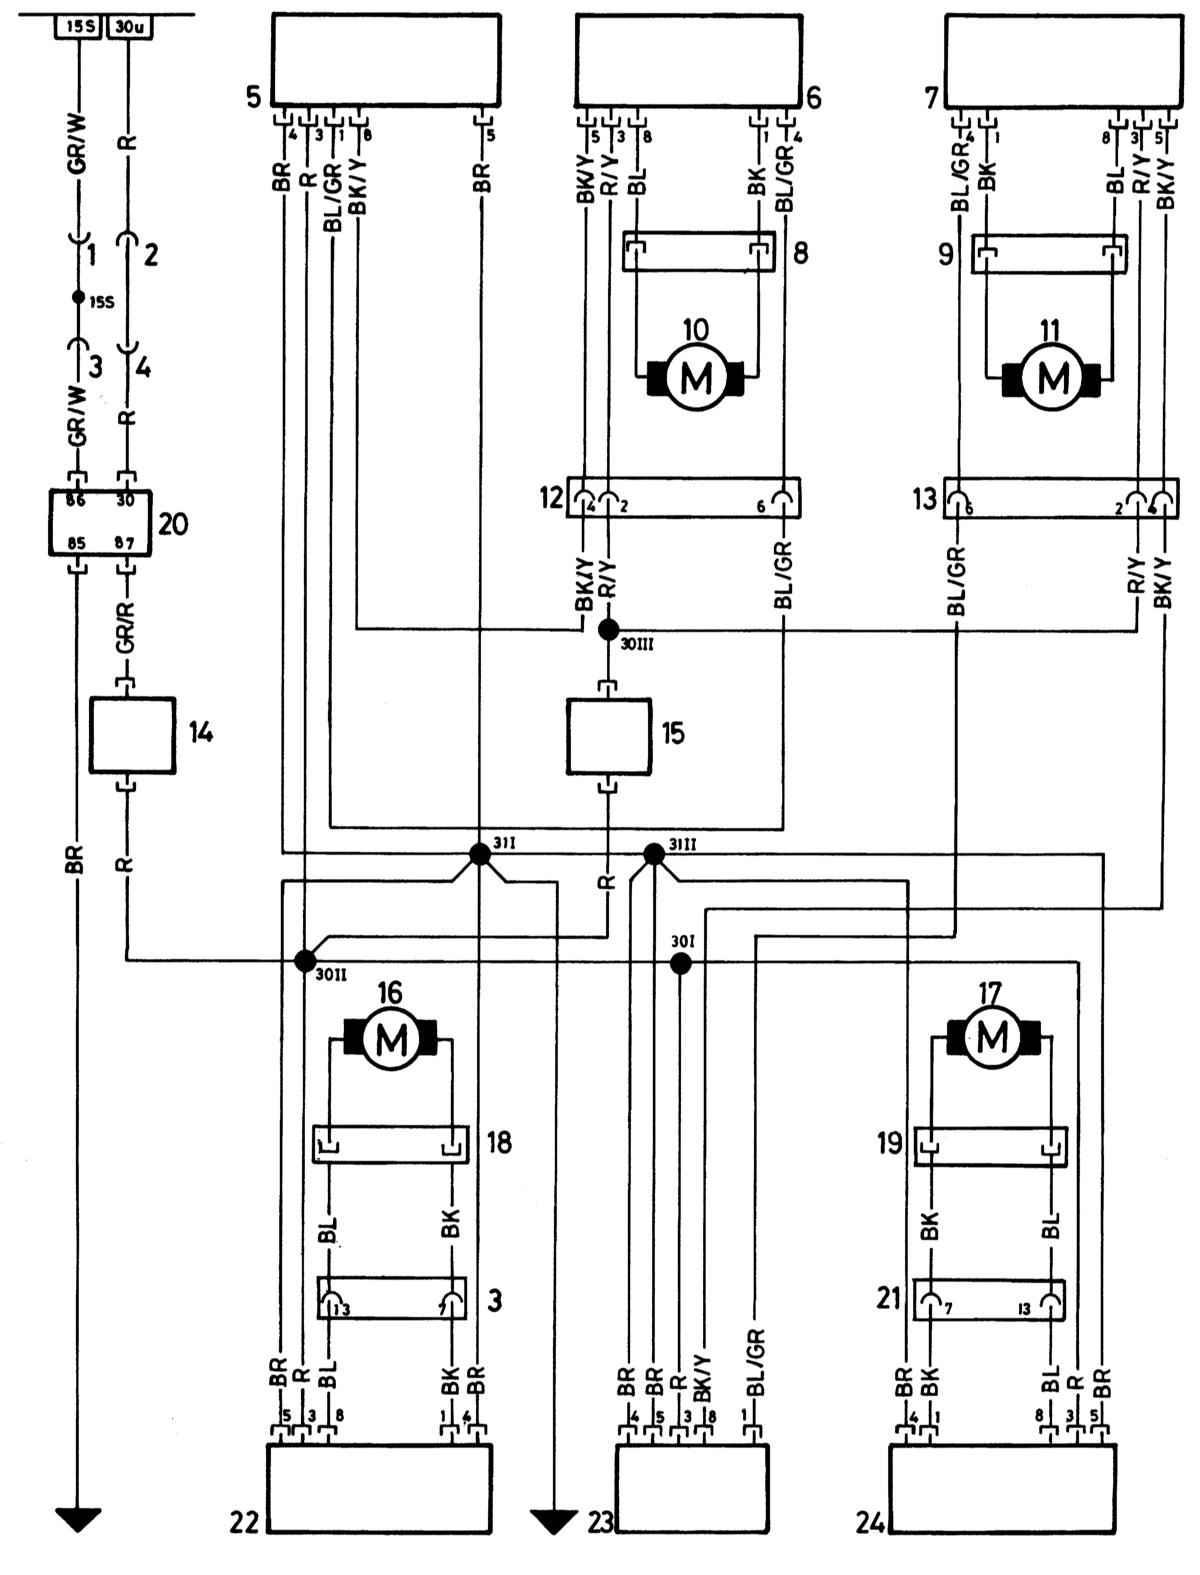 по схеме надо прозвонить все провода и заново сформировать штекеры. схема такая.